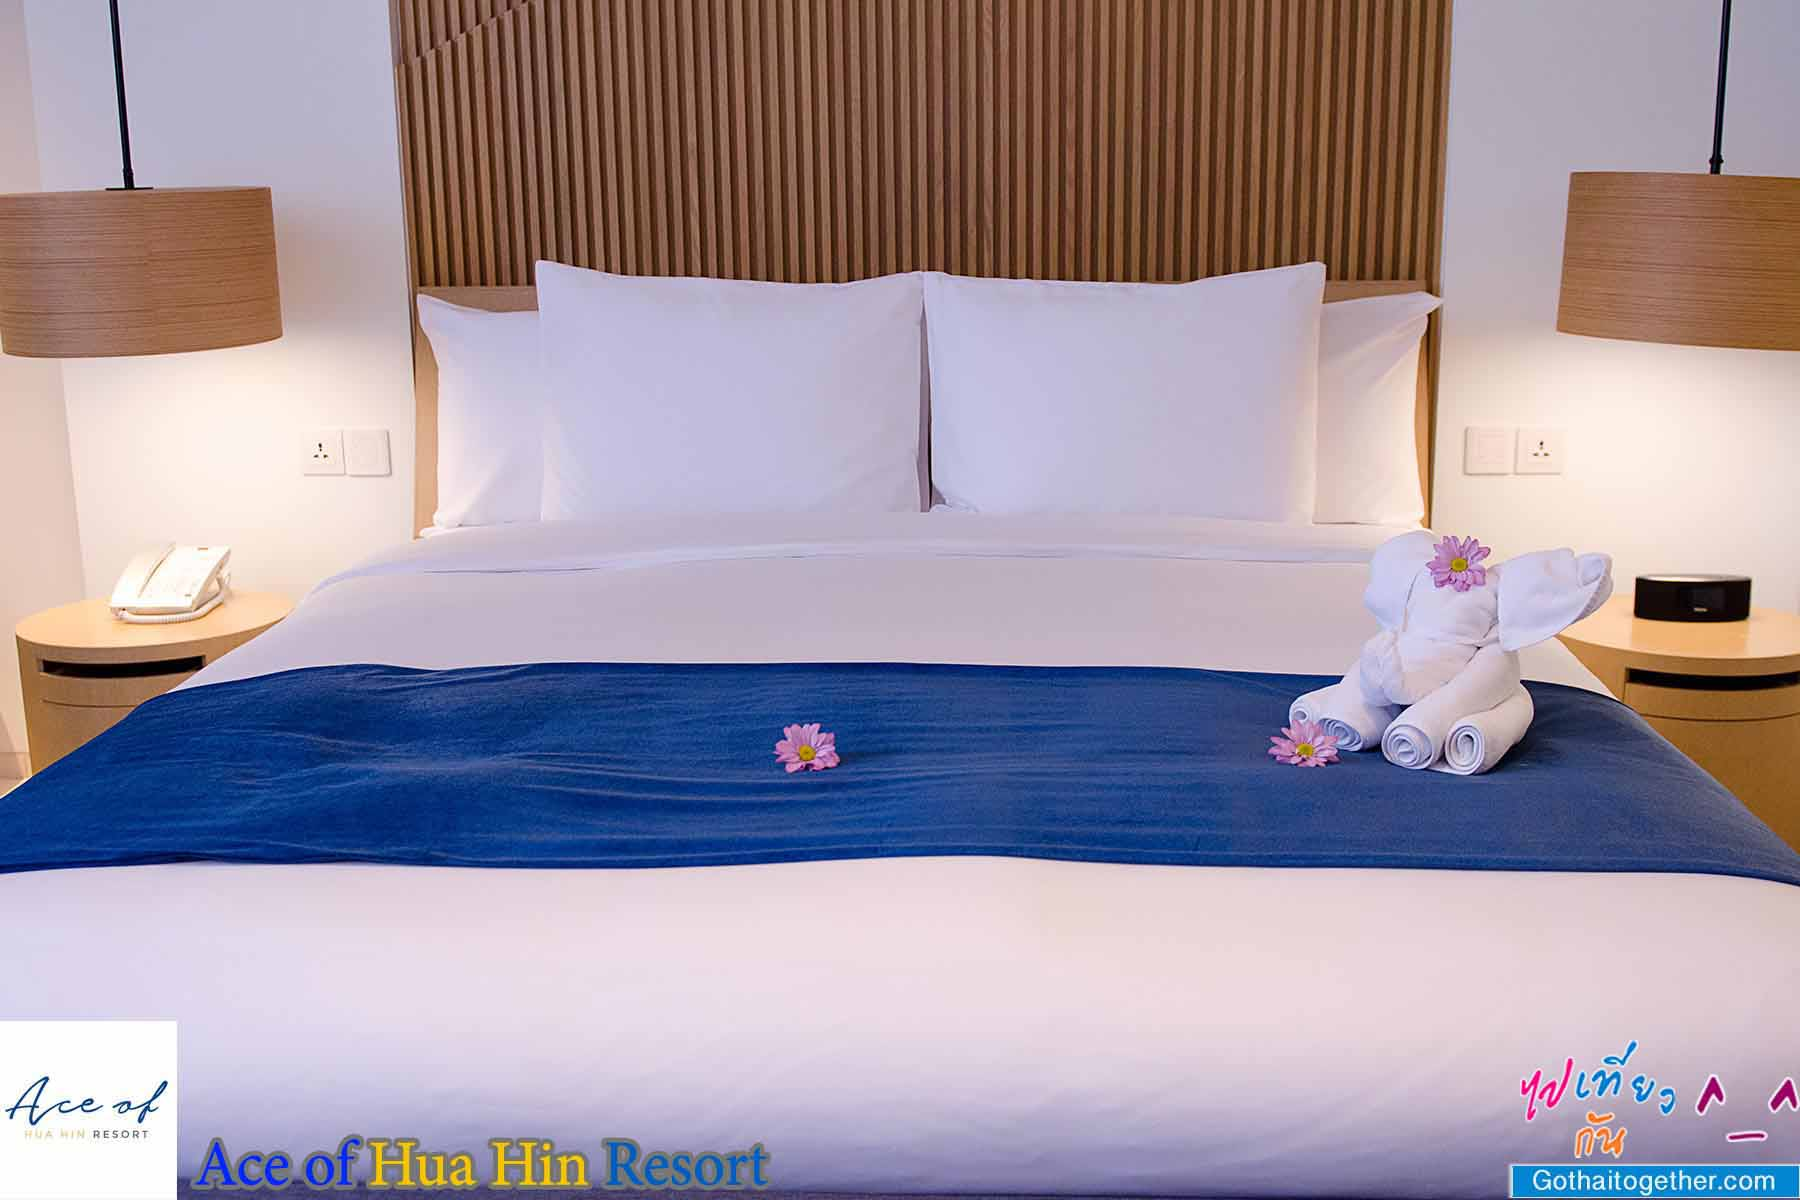 5 จุดเช็คอิน ทะเลใกล้กรุง พักผ่อนมีระดับ ชมวิวชิลไปกับ Ace of Hua Hin Resort 158